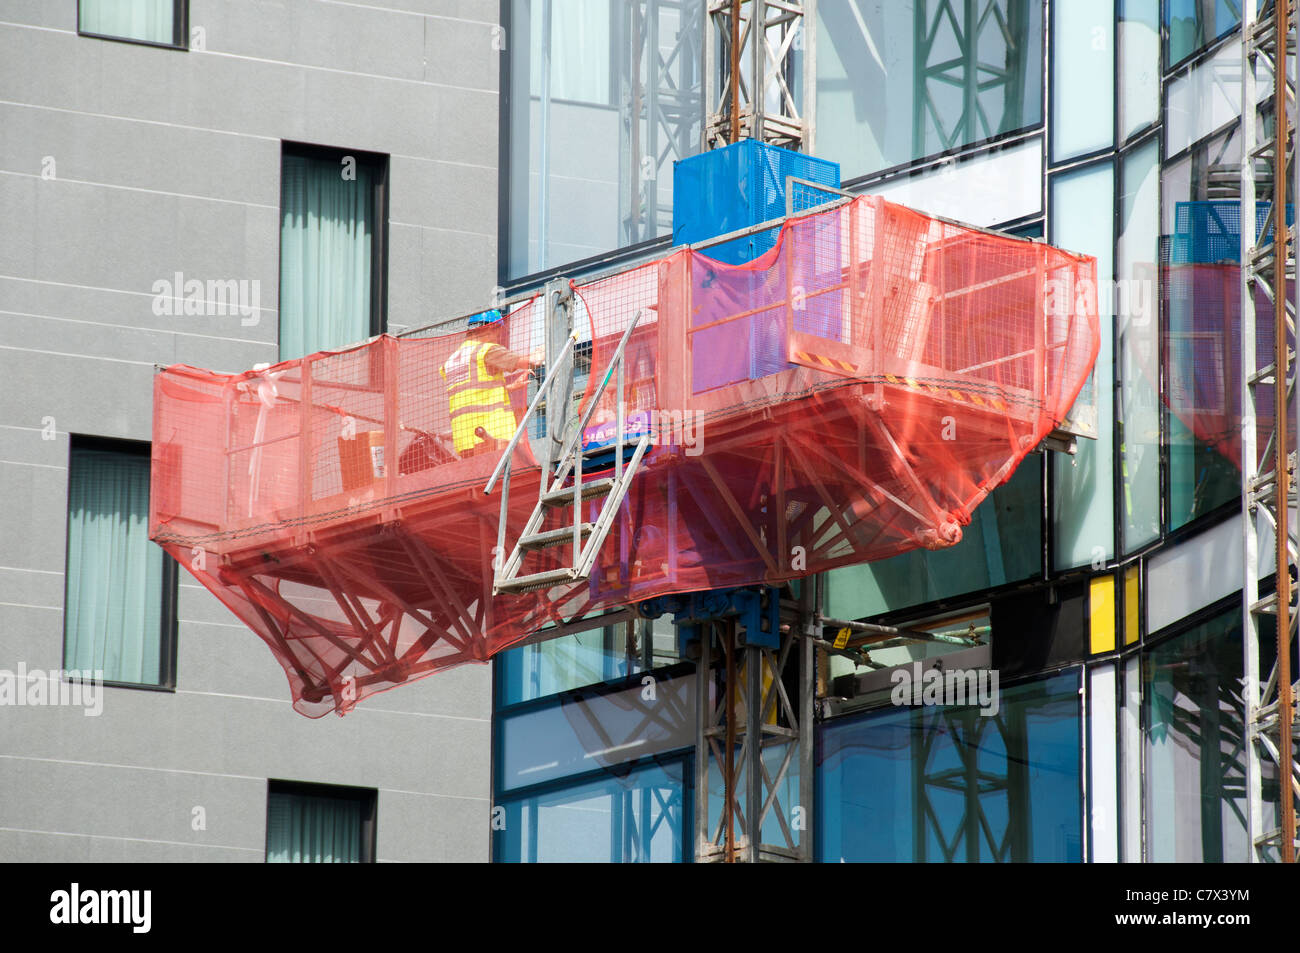 Hotel Under Construction Stockfotos & Hotel Under Construction